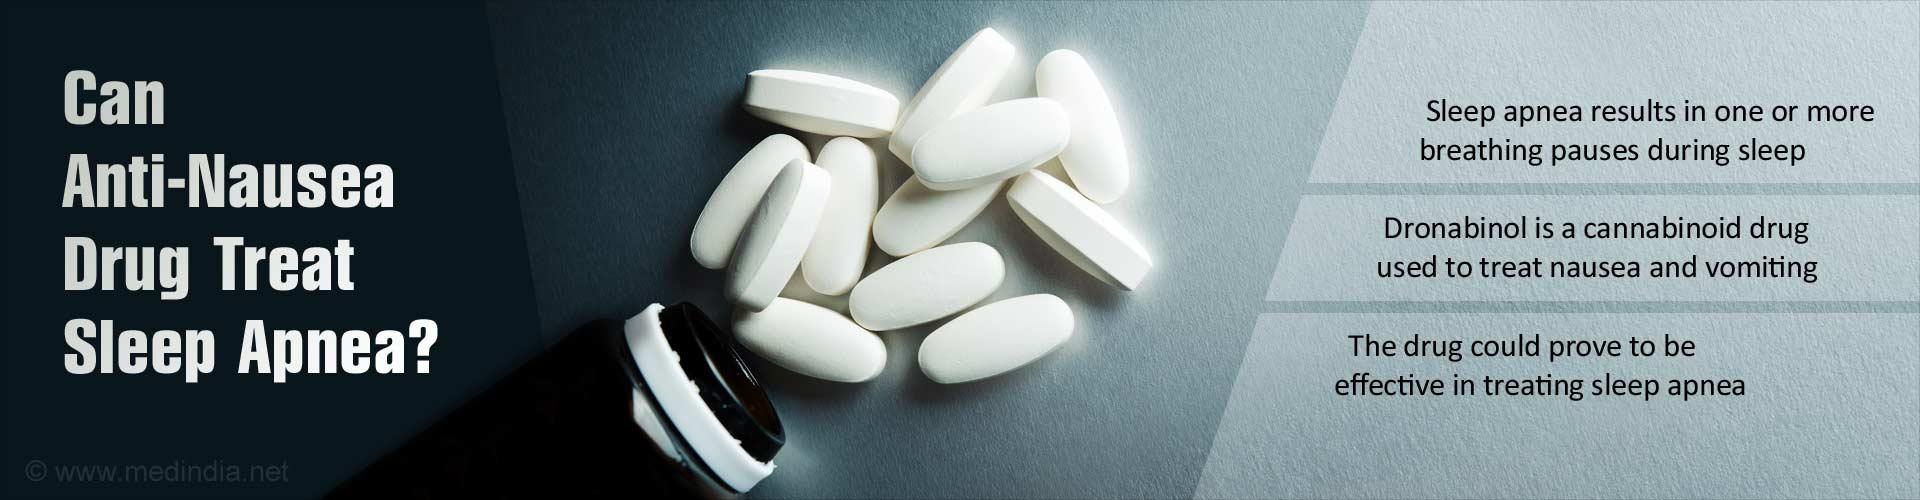 Dronabinol: Anti-Nausea Drug to Treat Sleep Apnea